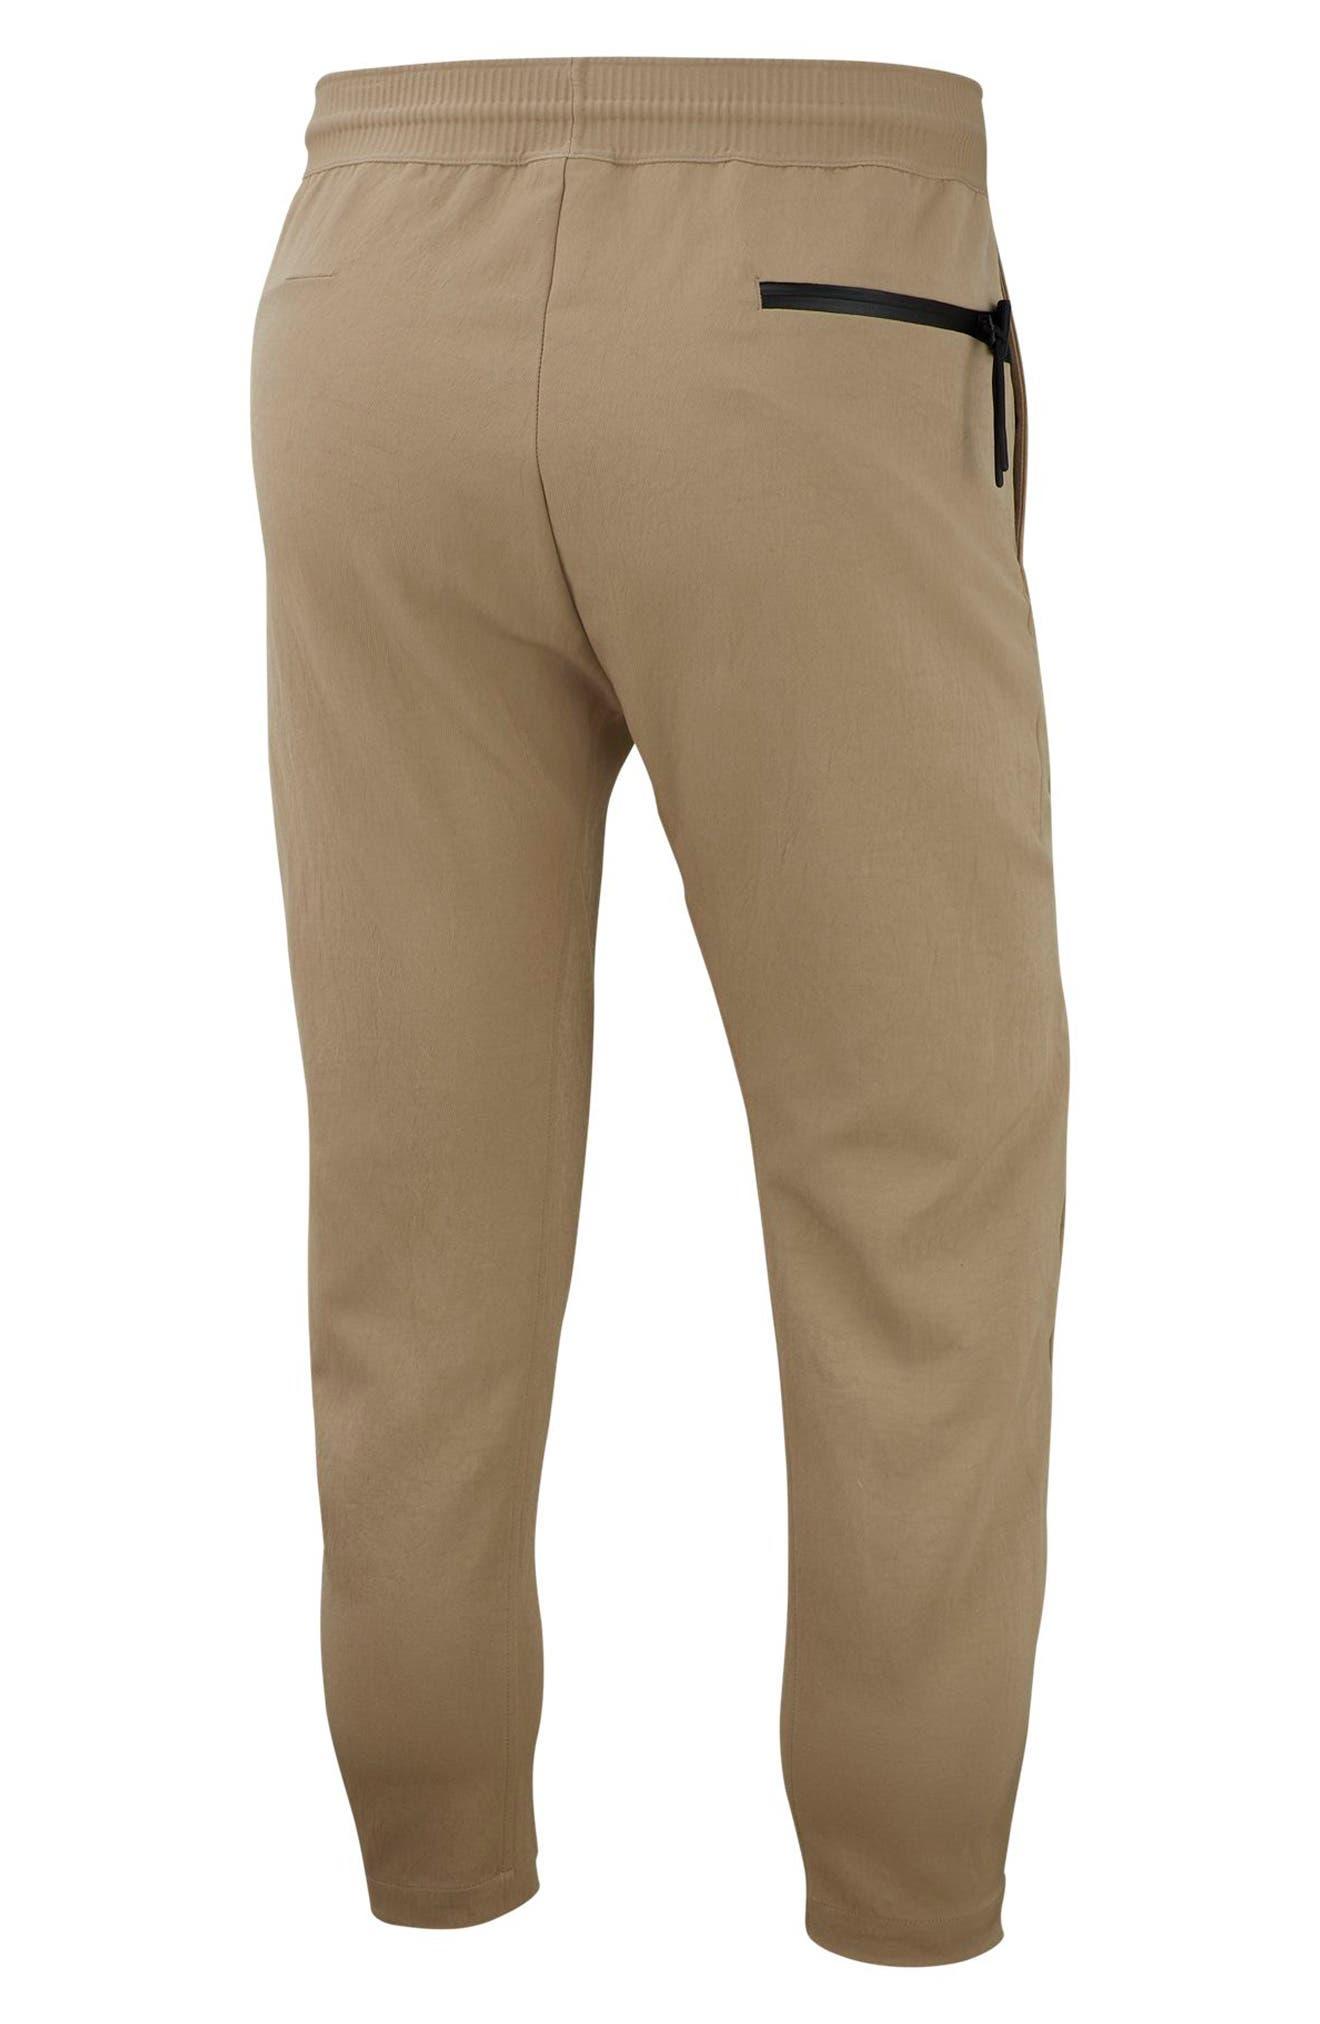 NIKE, Sportswear Tech Pack Men's Crop Woven Pants, Alternate thumbnail 7, color, KHAKI/ KHAKI/ BLACK